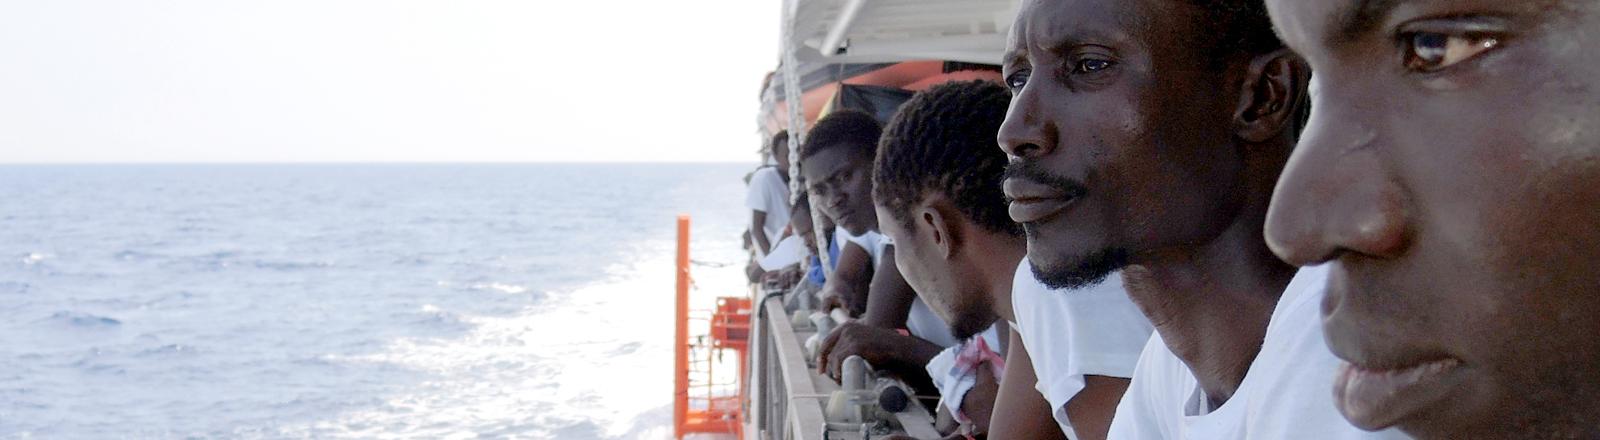 Schwarze Männer auf einem Boot im Meer